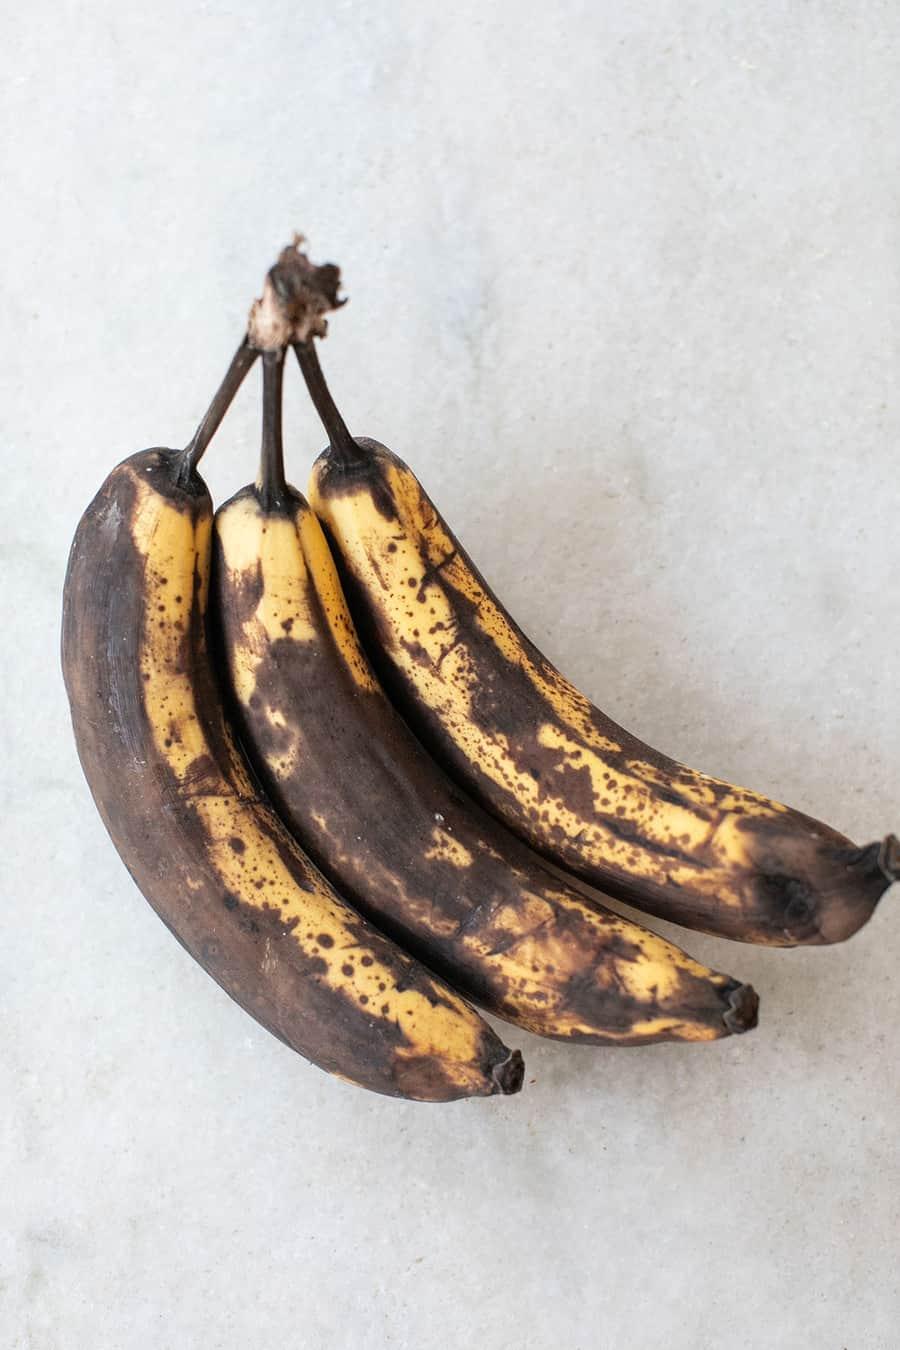 Super ripe bananas to make bread